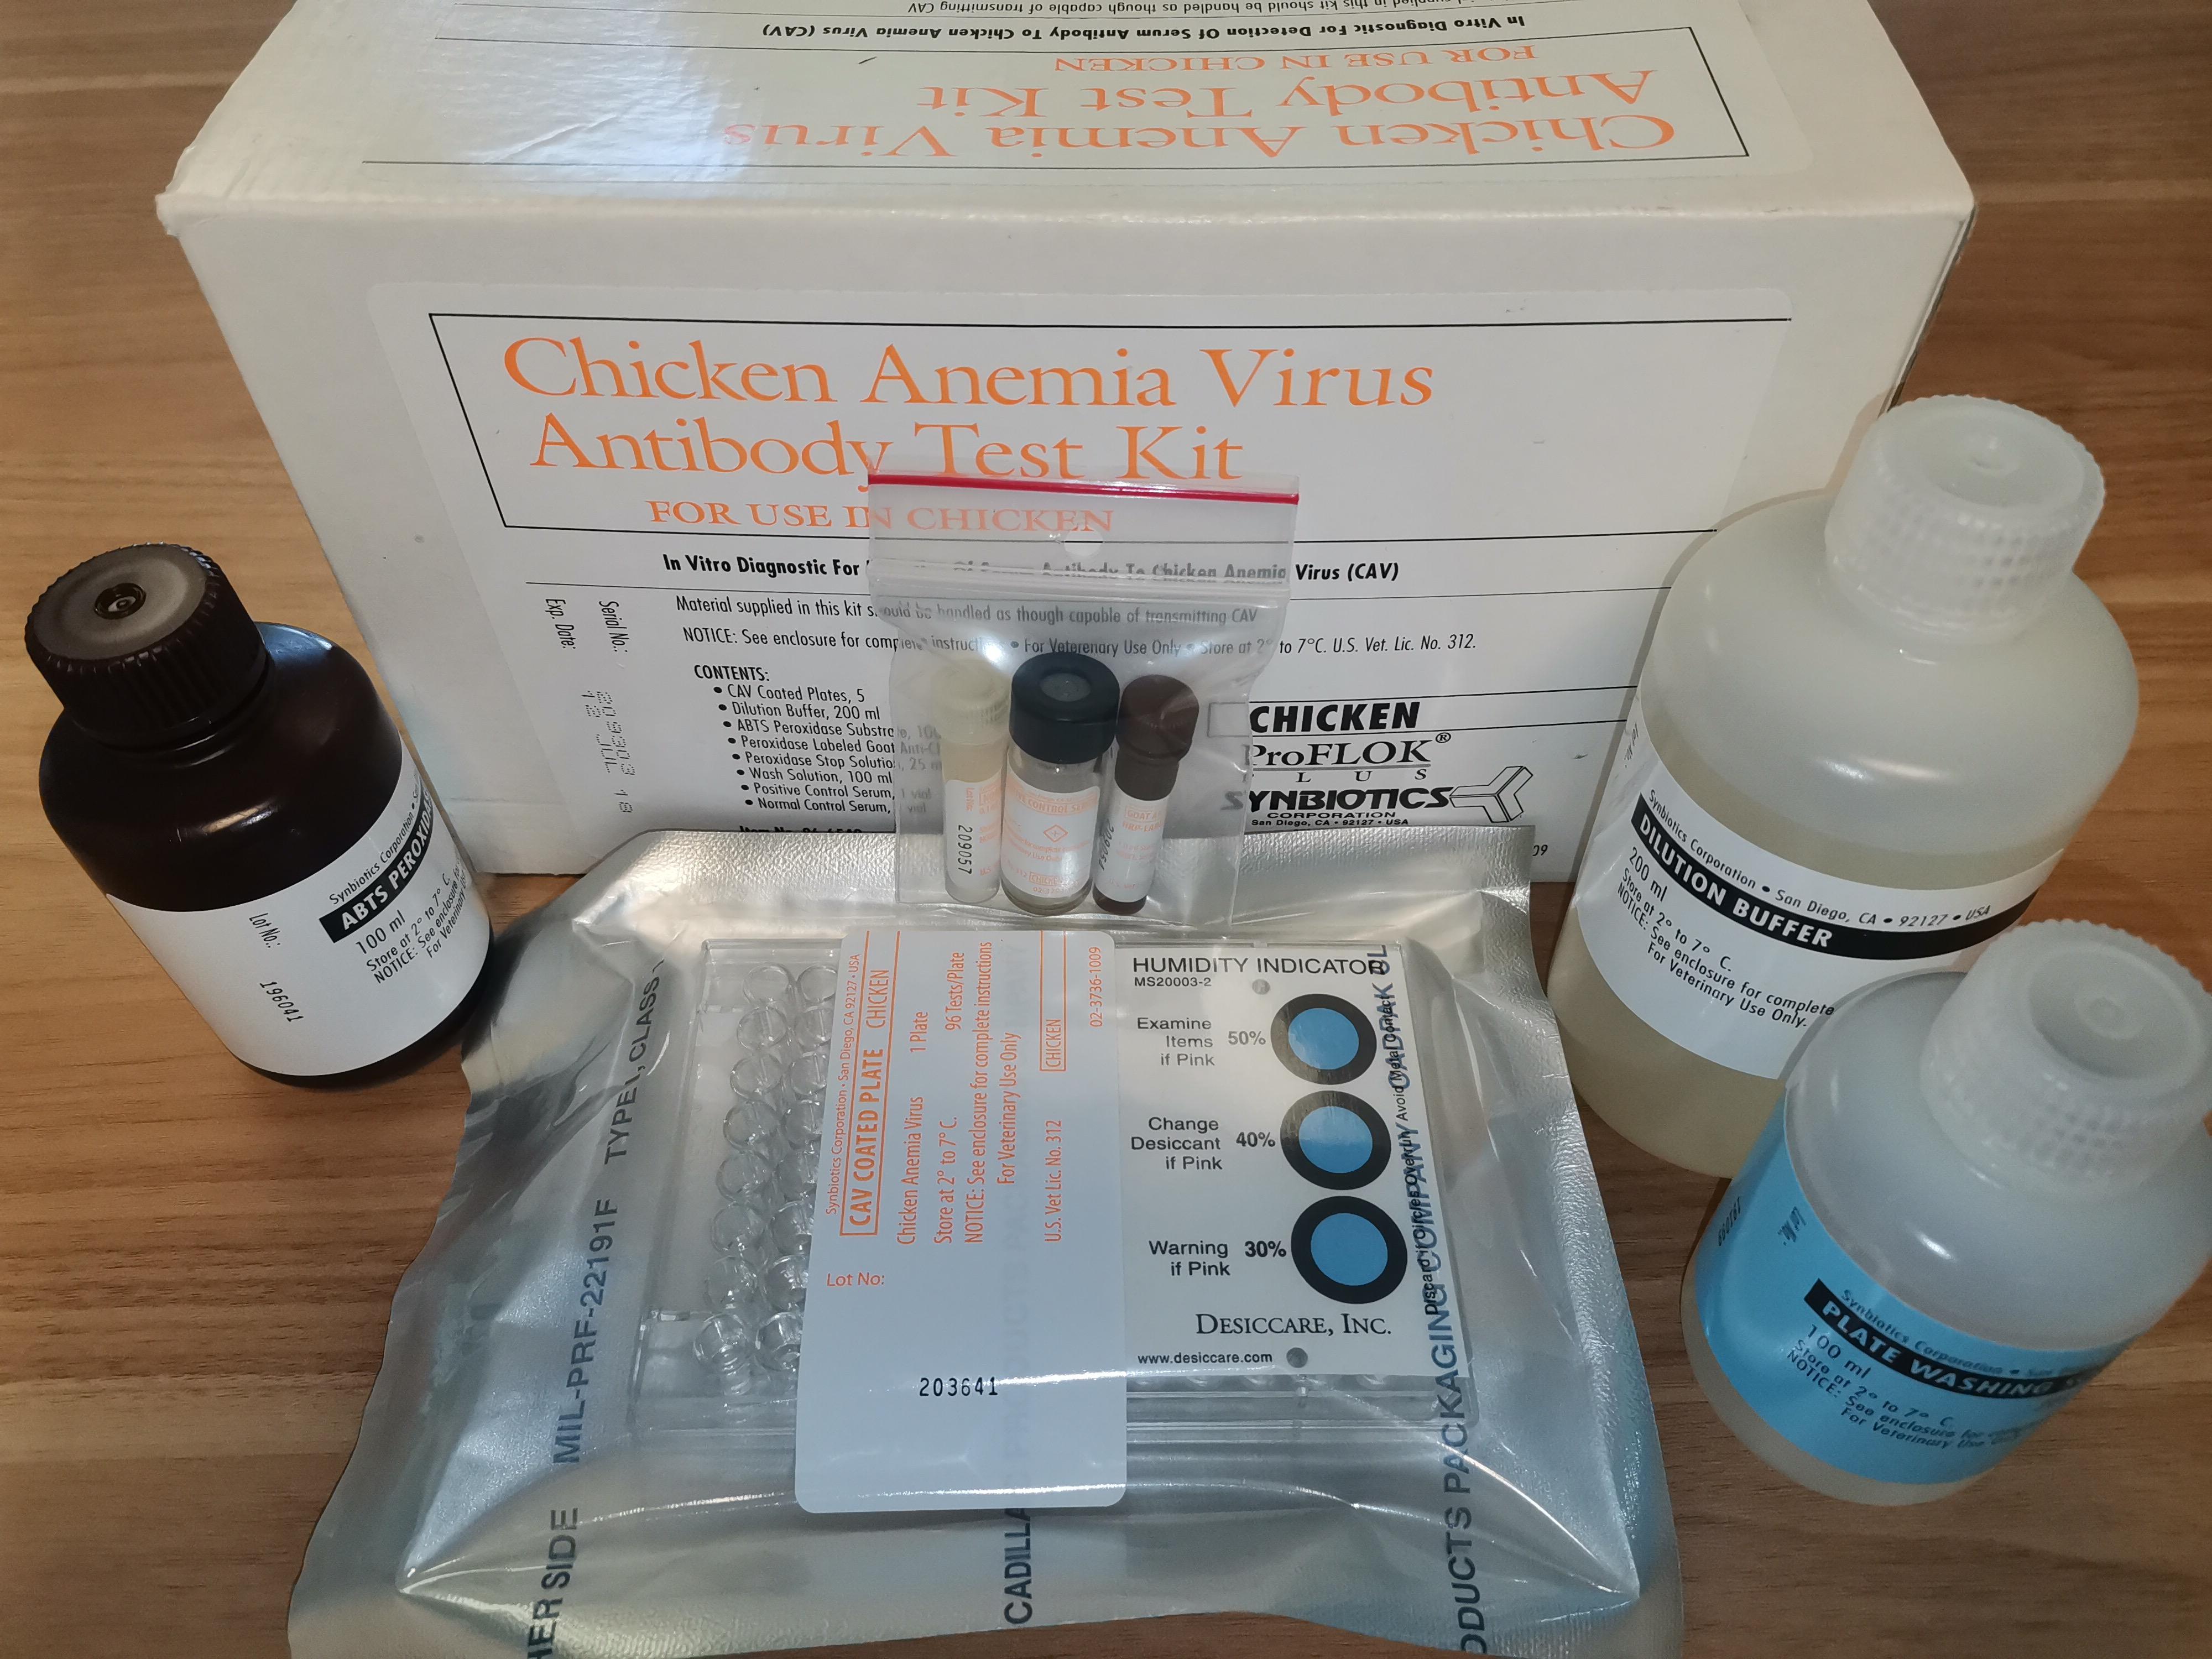 禽白血病抗原检测